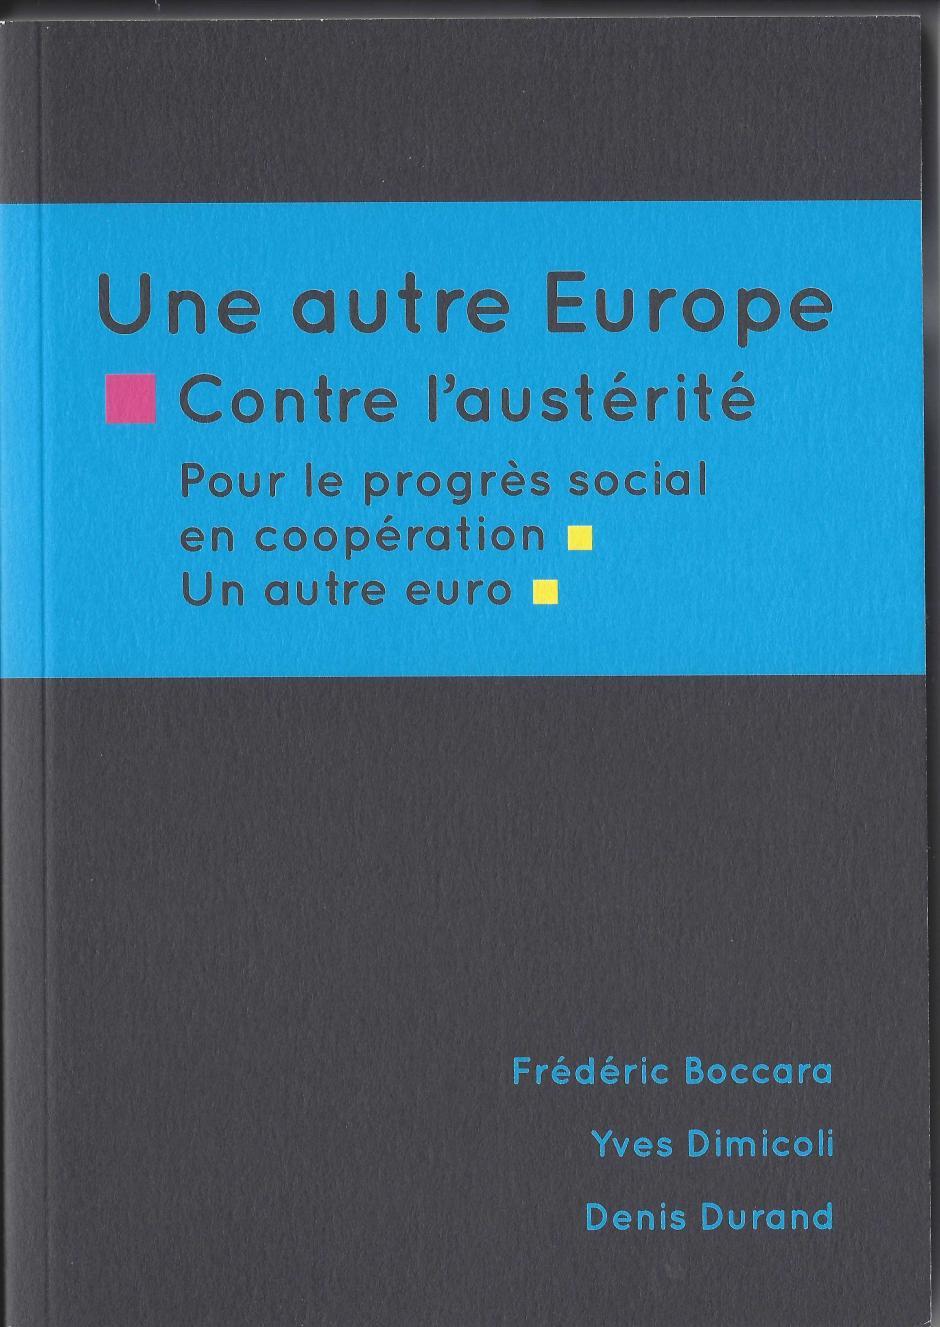 Une autre Europe contre l'austérité